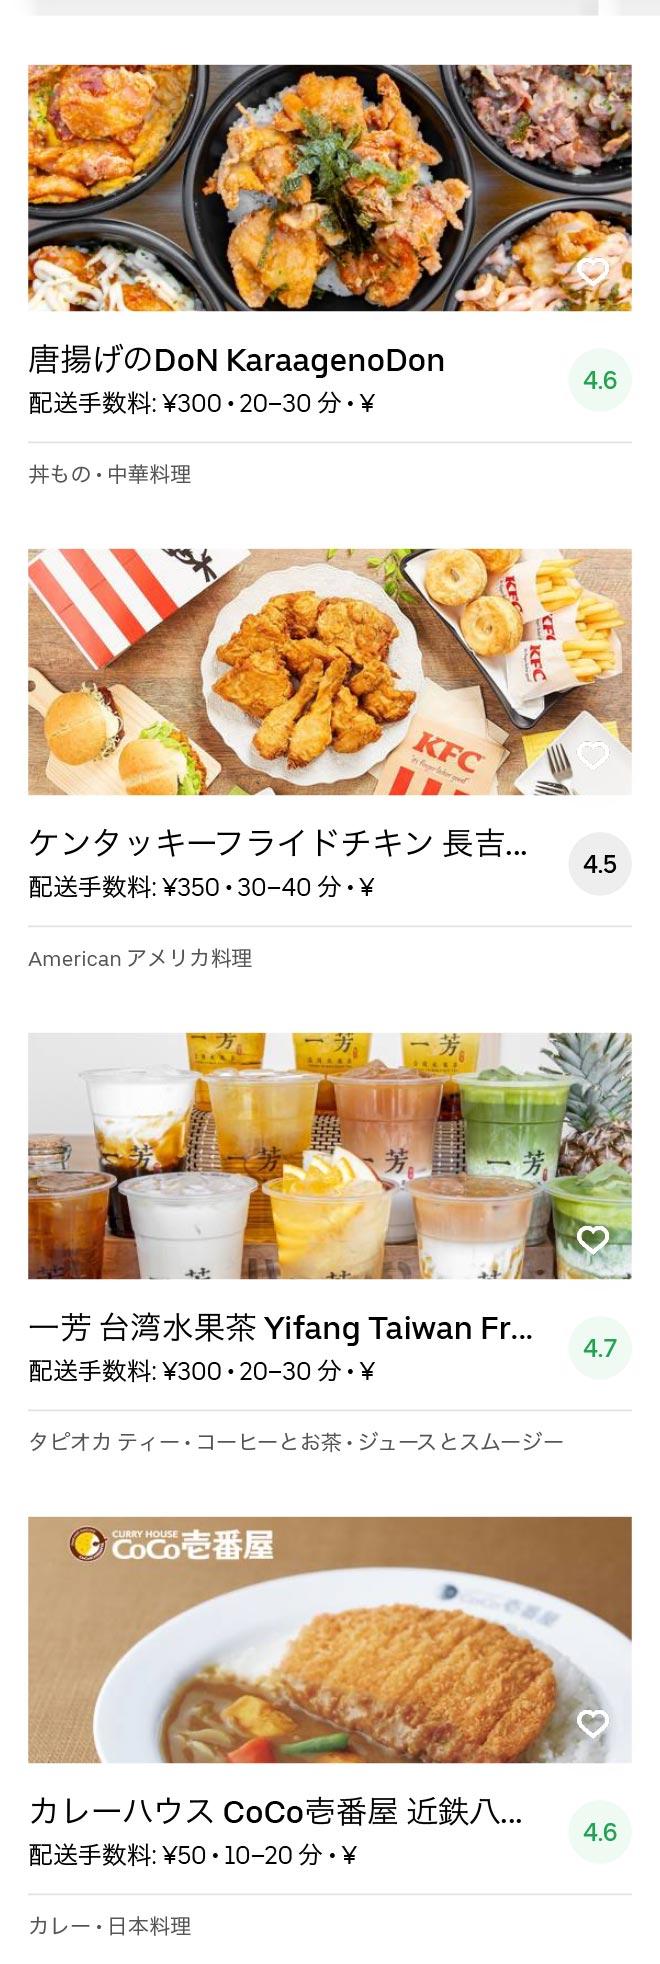 Osaka yao menu 2005 02